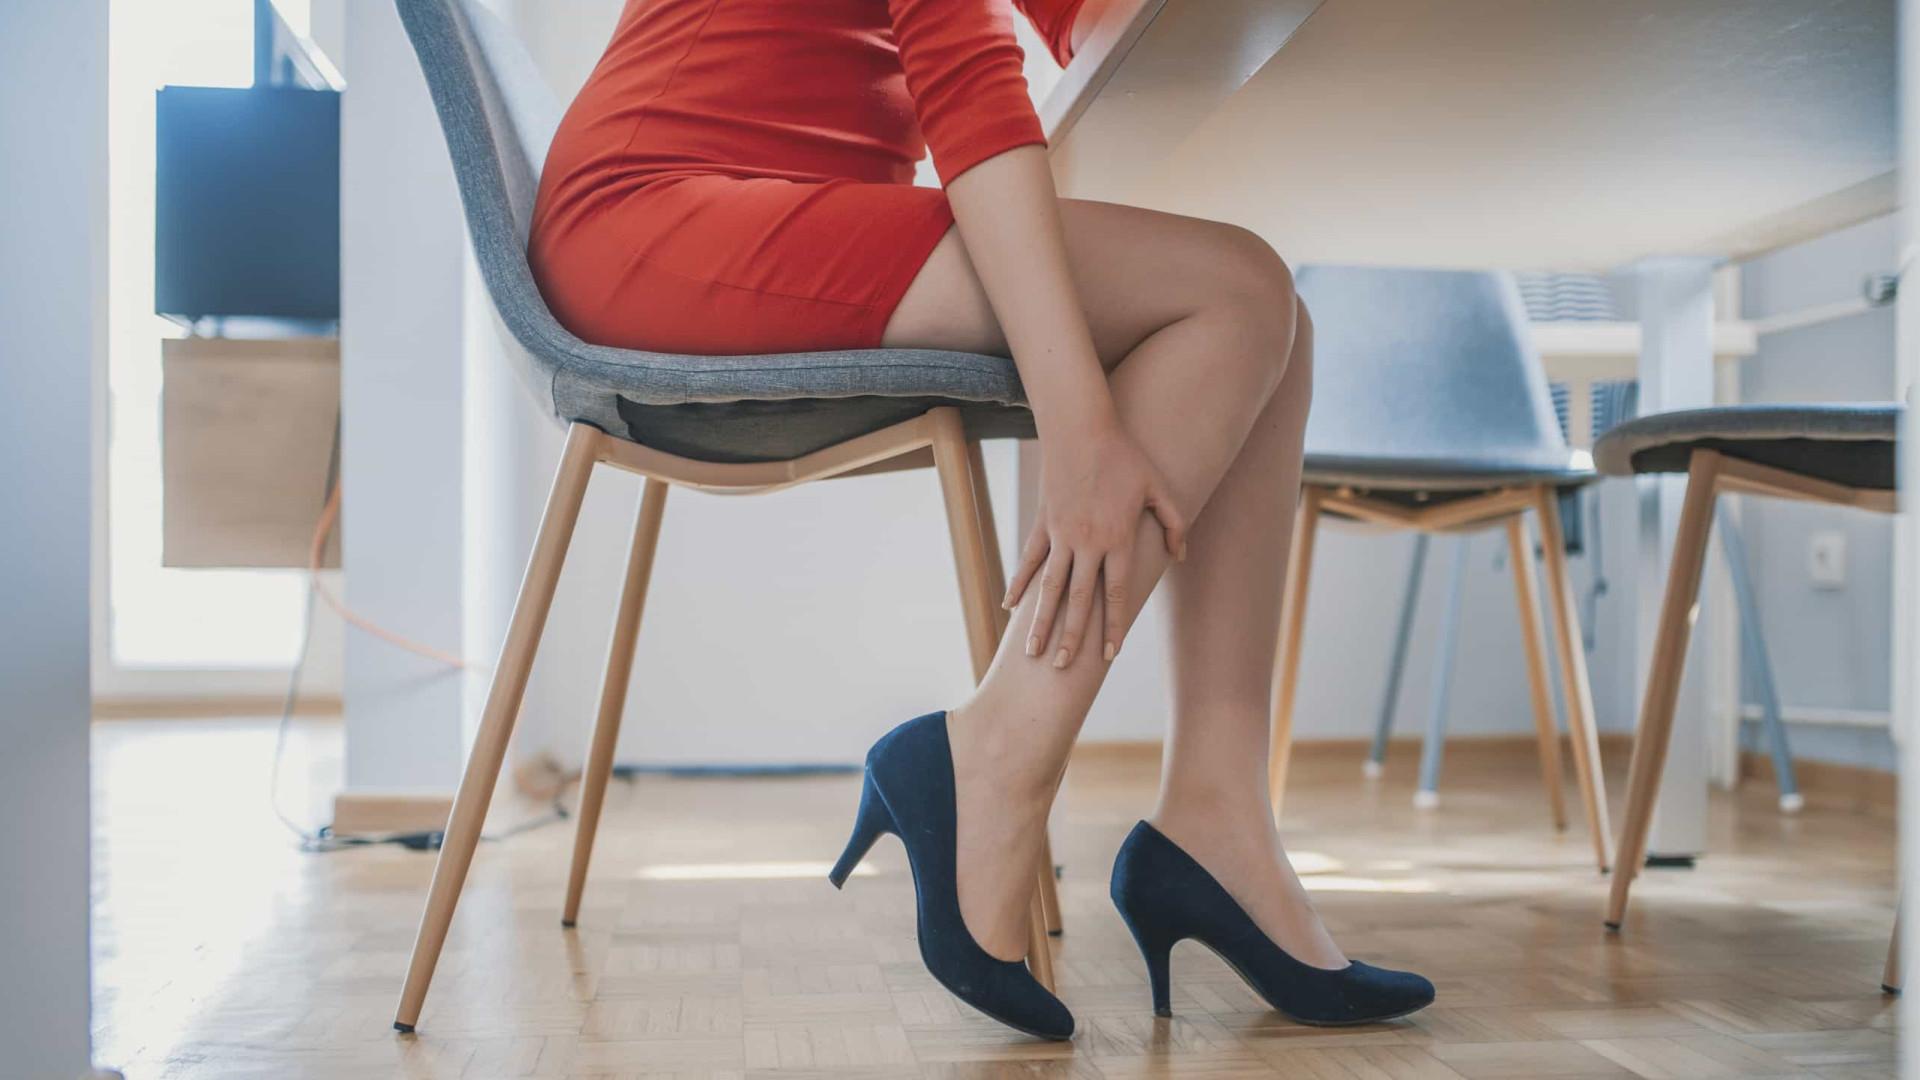 Demência nas a causa pernas dor